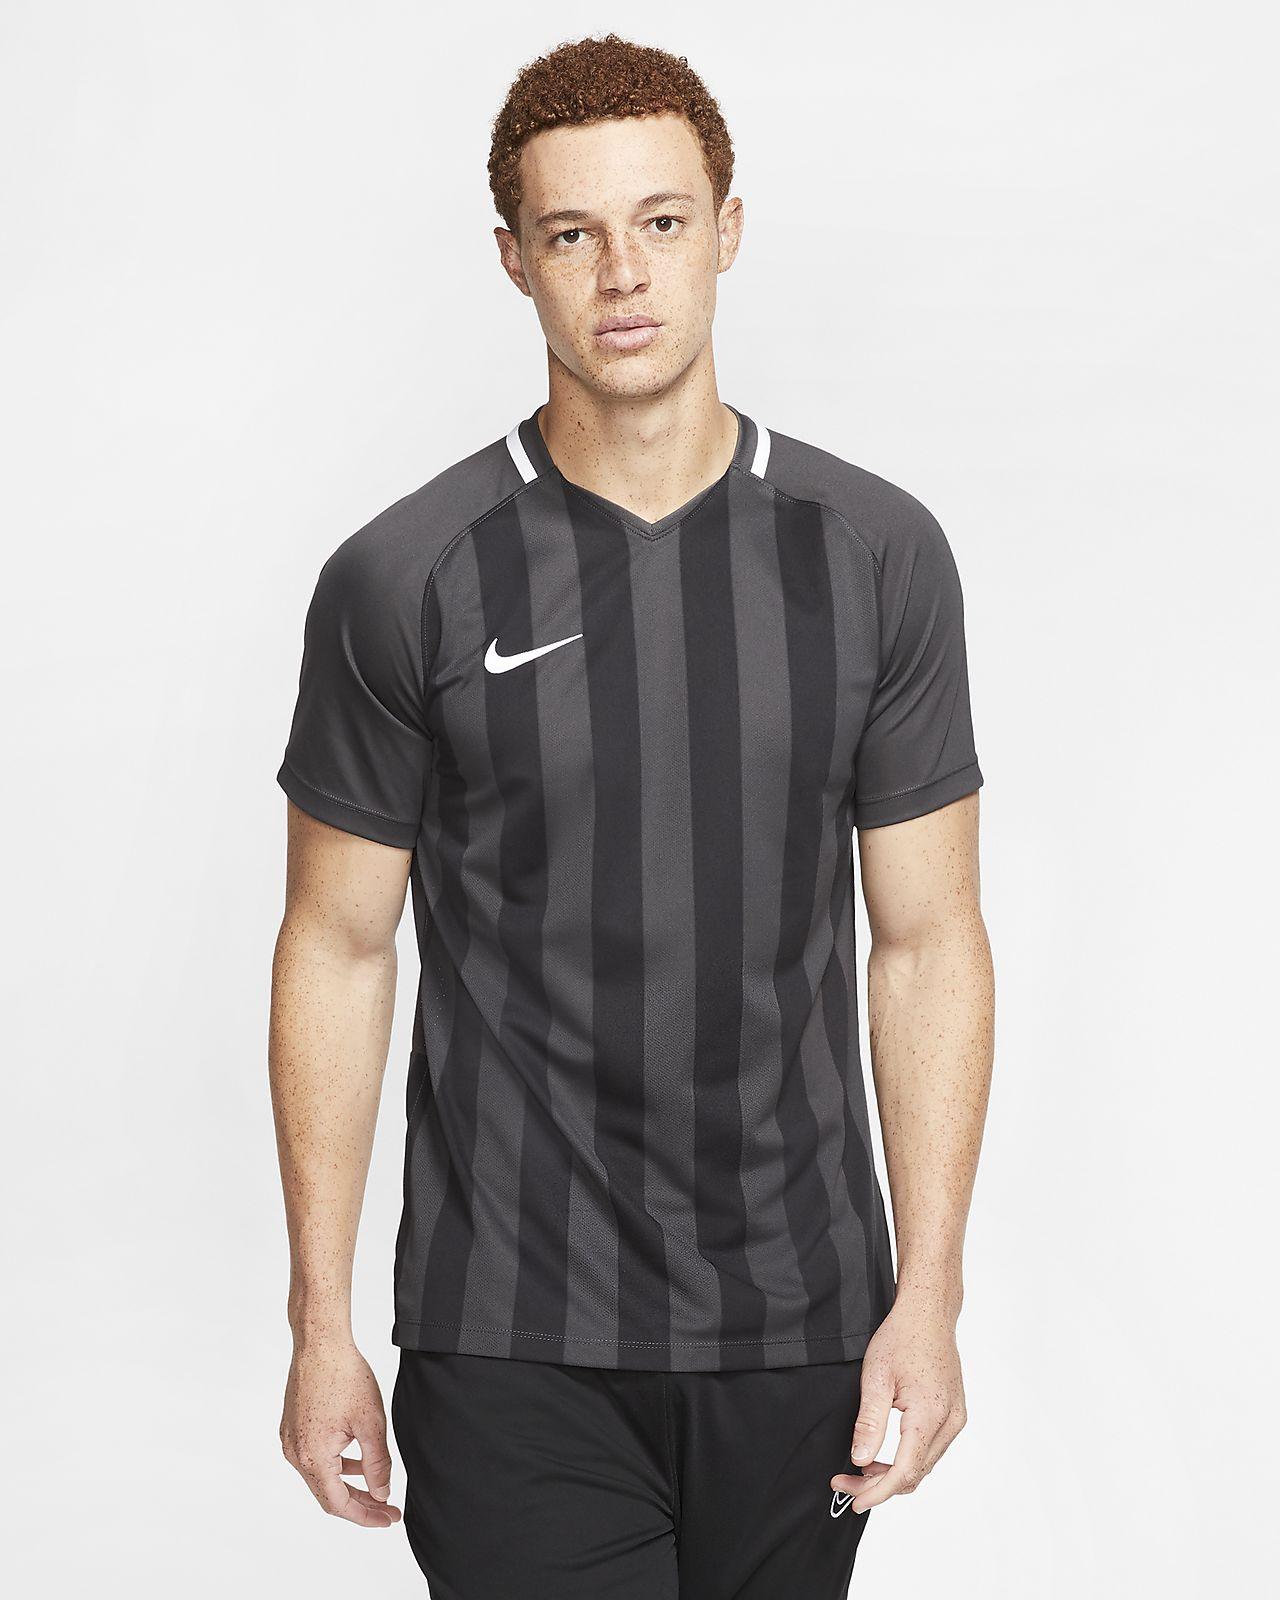 Fotbollströja Nike Striped Division 3 för män